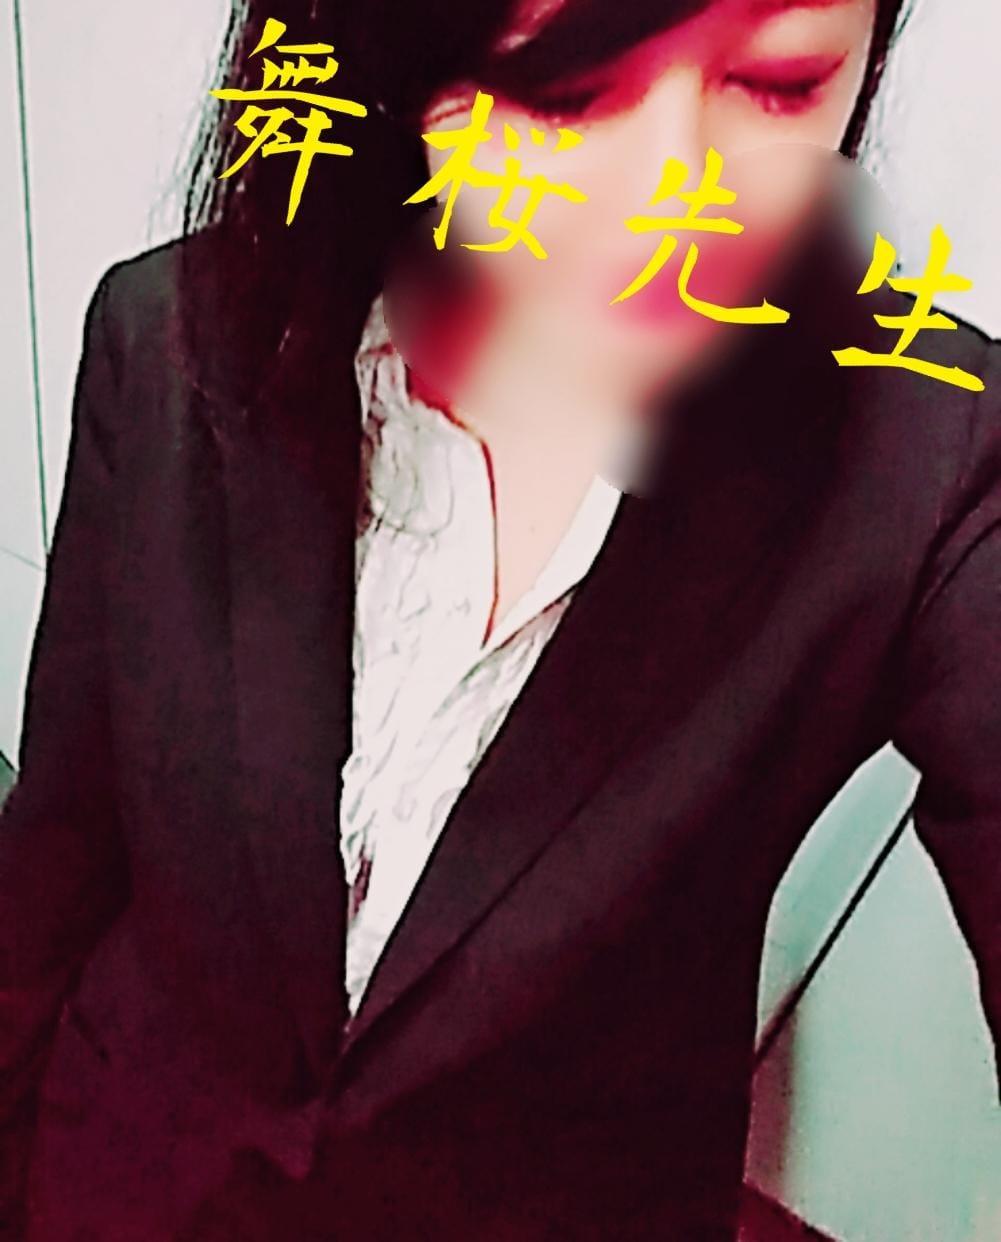 「好評嬉し❤️」06/18(06/18) 18:21 | 土屋 舞桜の写メ・風俗動画